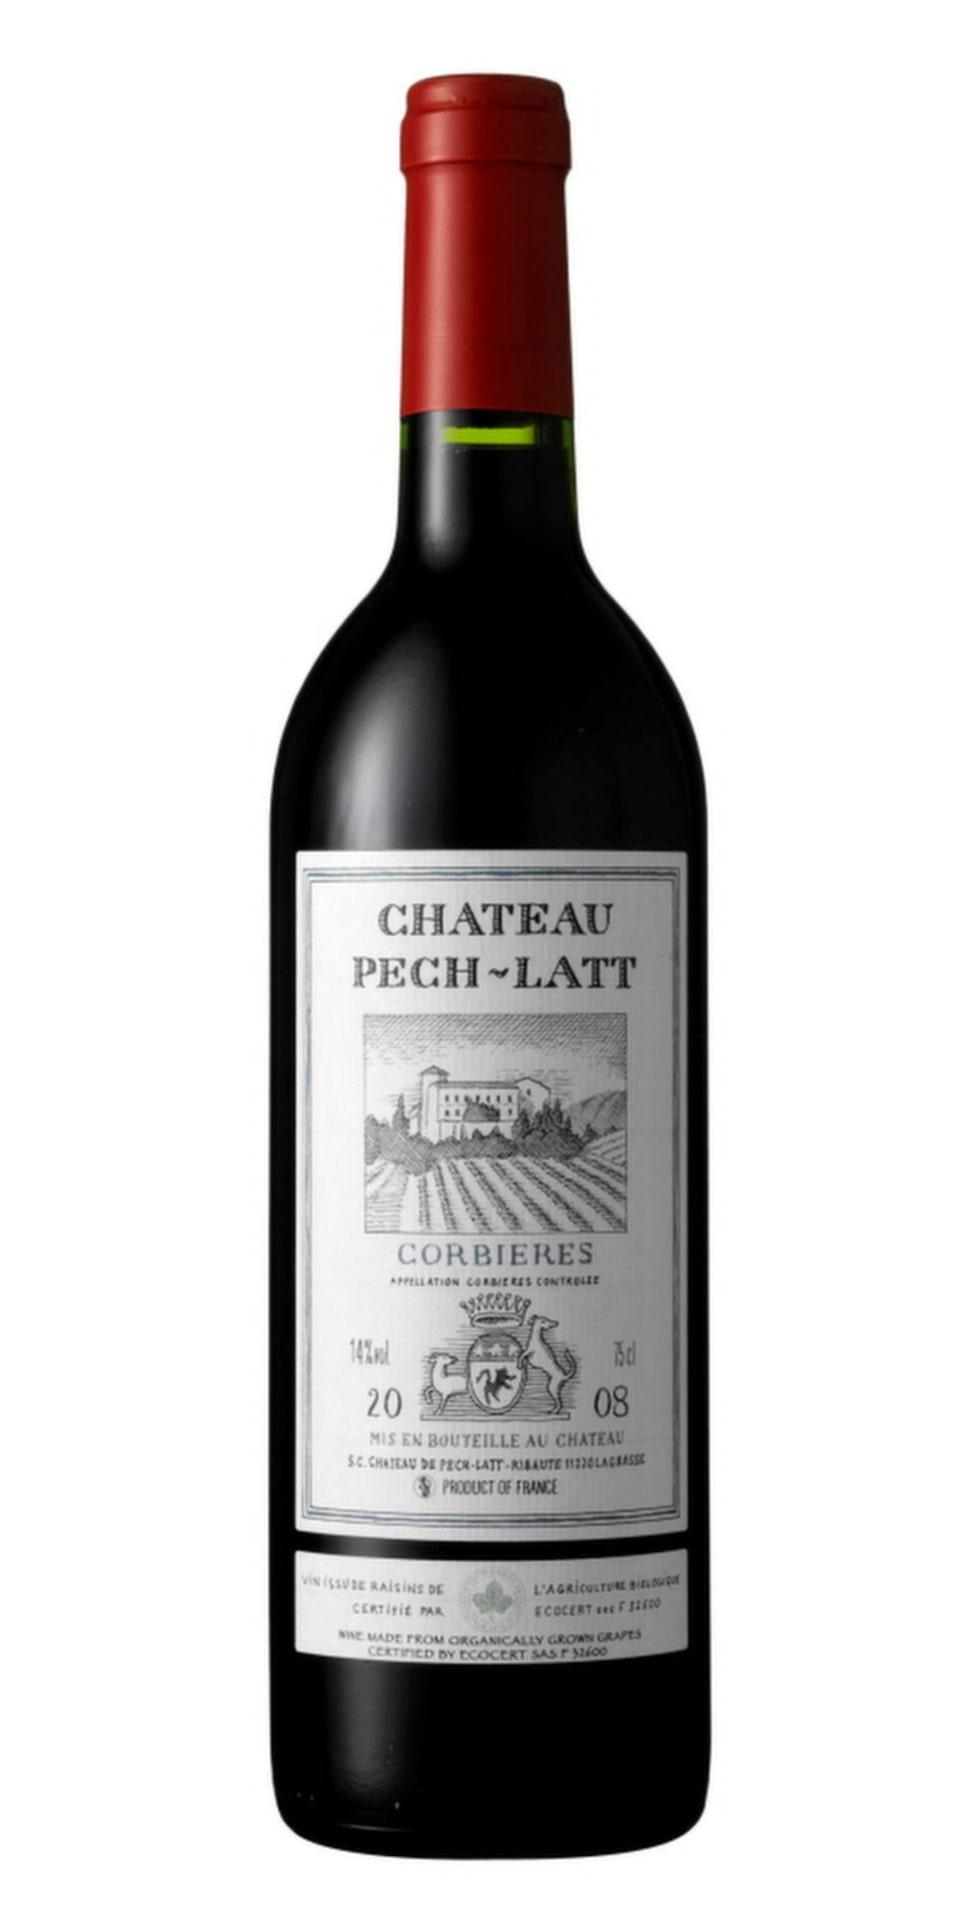 RöttChâteau Pech-Latt 2013(2233) Corbières, 99 krUngt och energiskt med med toner av saftiga plommon, björnbär och en lätt pepprig ton i eftersmaken. Fint till biff med rödvinssås.